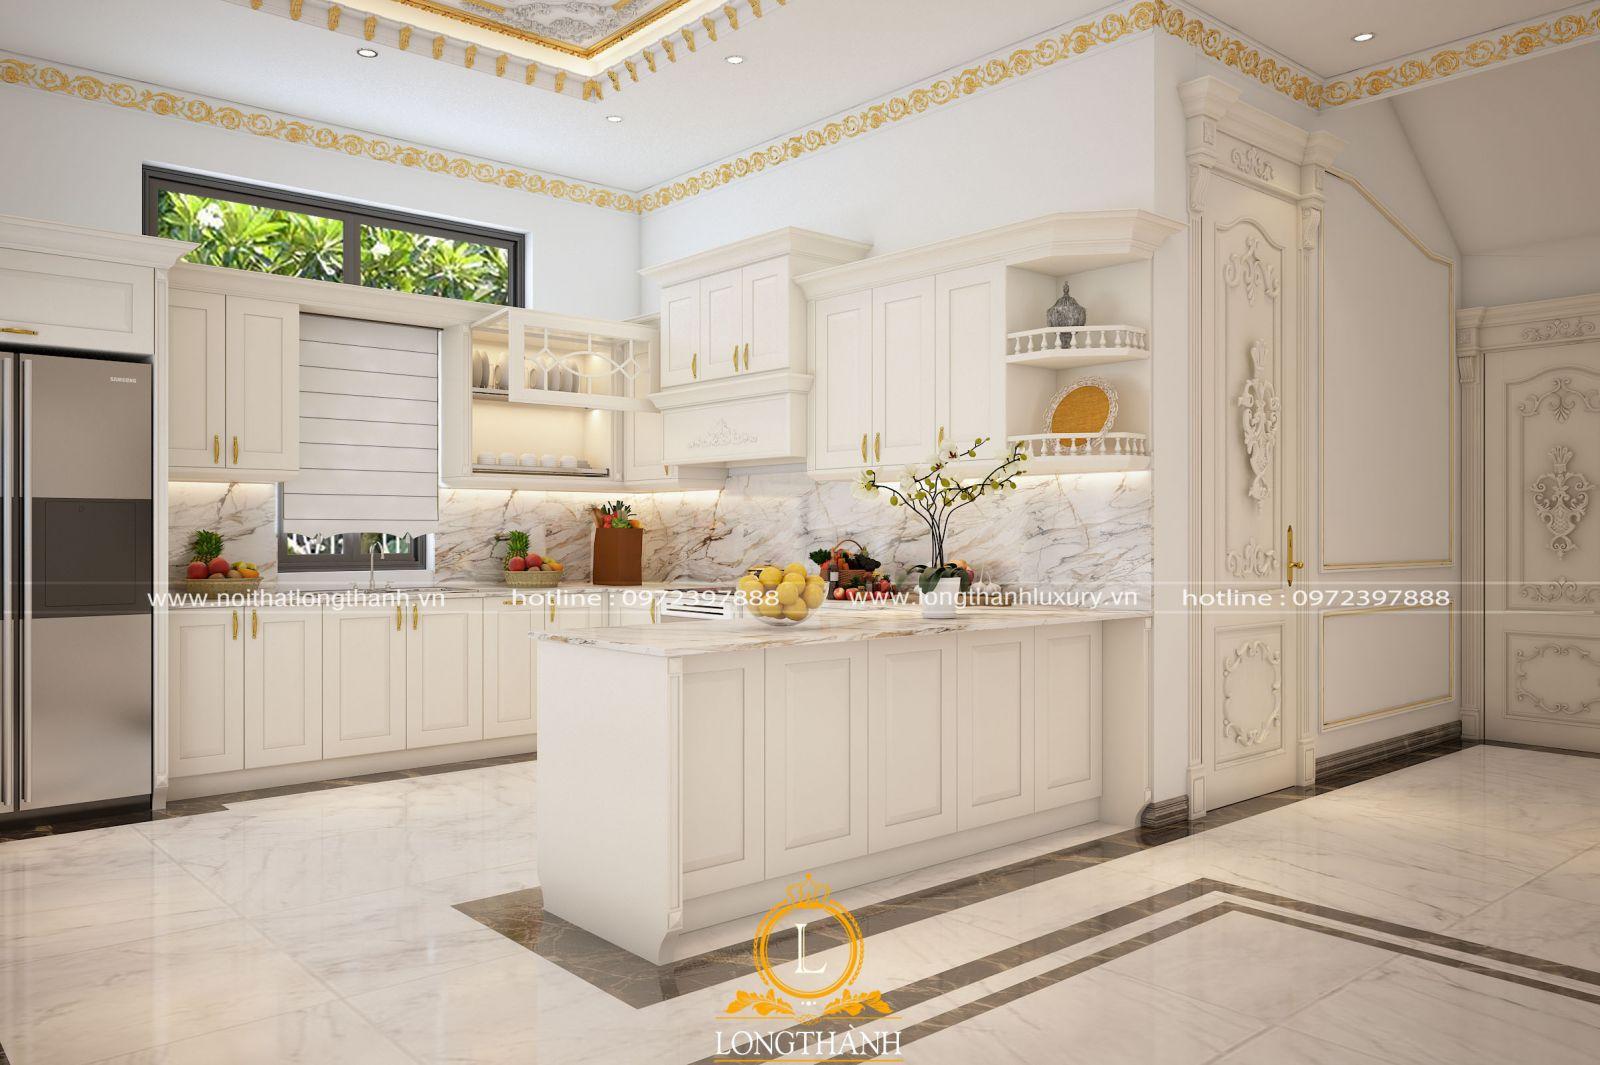 Giản lược họa tiết cho không gian tinh tế cùng mẫu tủ bếp tân cổ điển sơn trắng